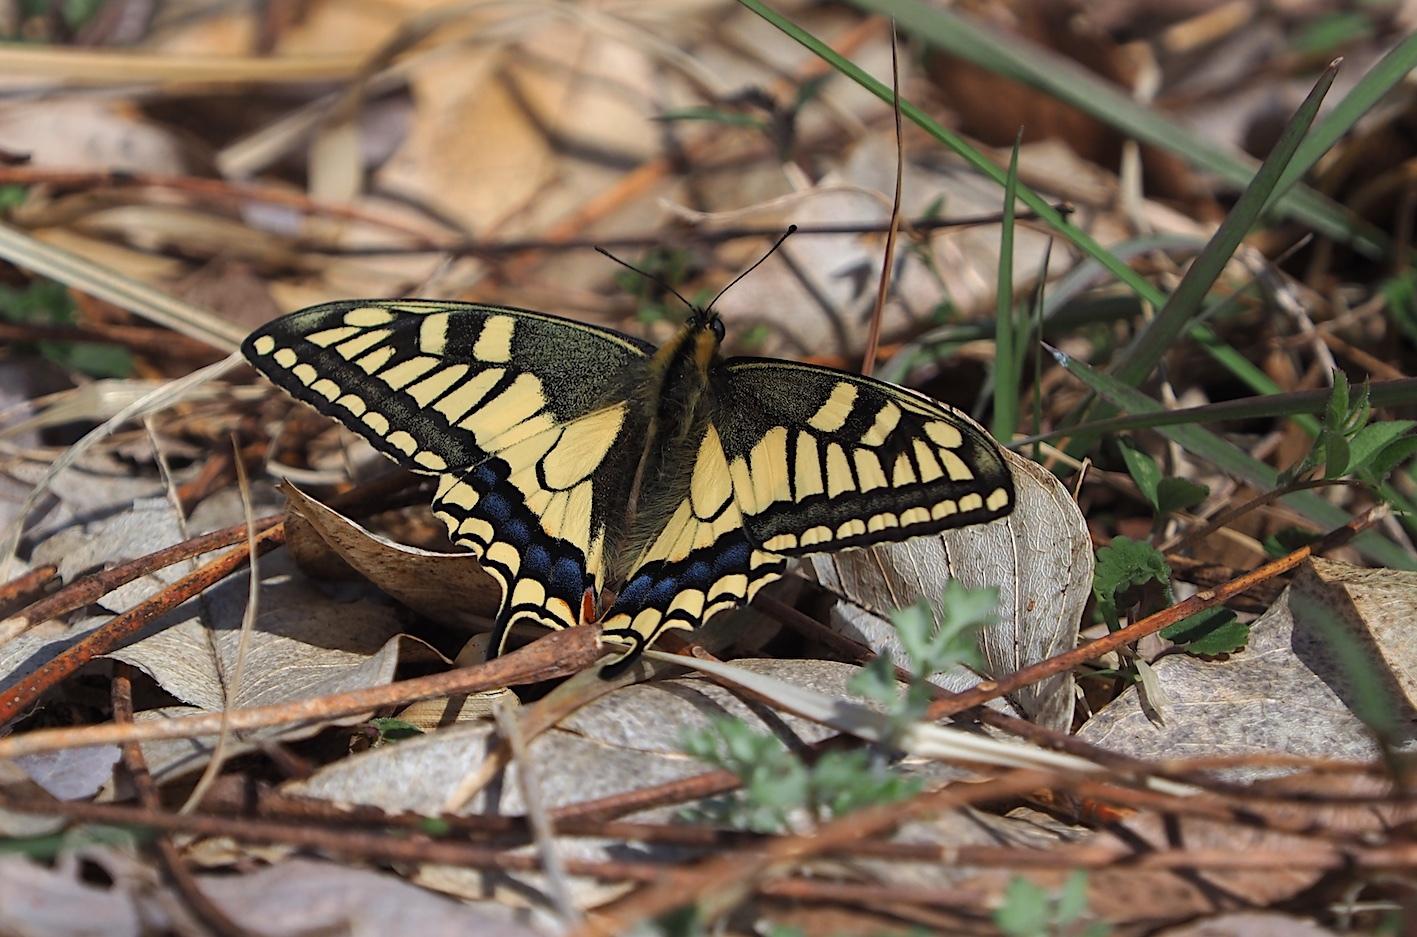 越冬蝶2種と新生蝶4種(2021年3月23日)_d0303129_10162412.jpg